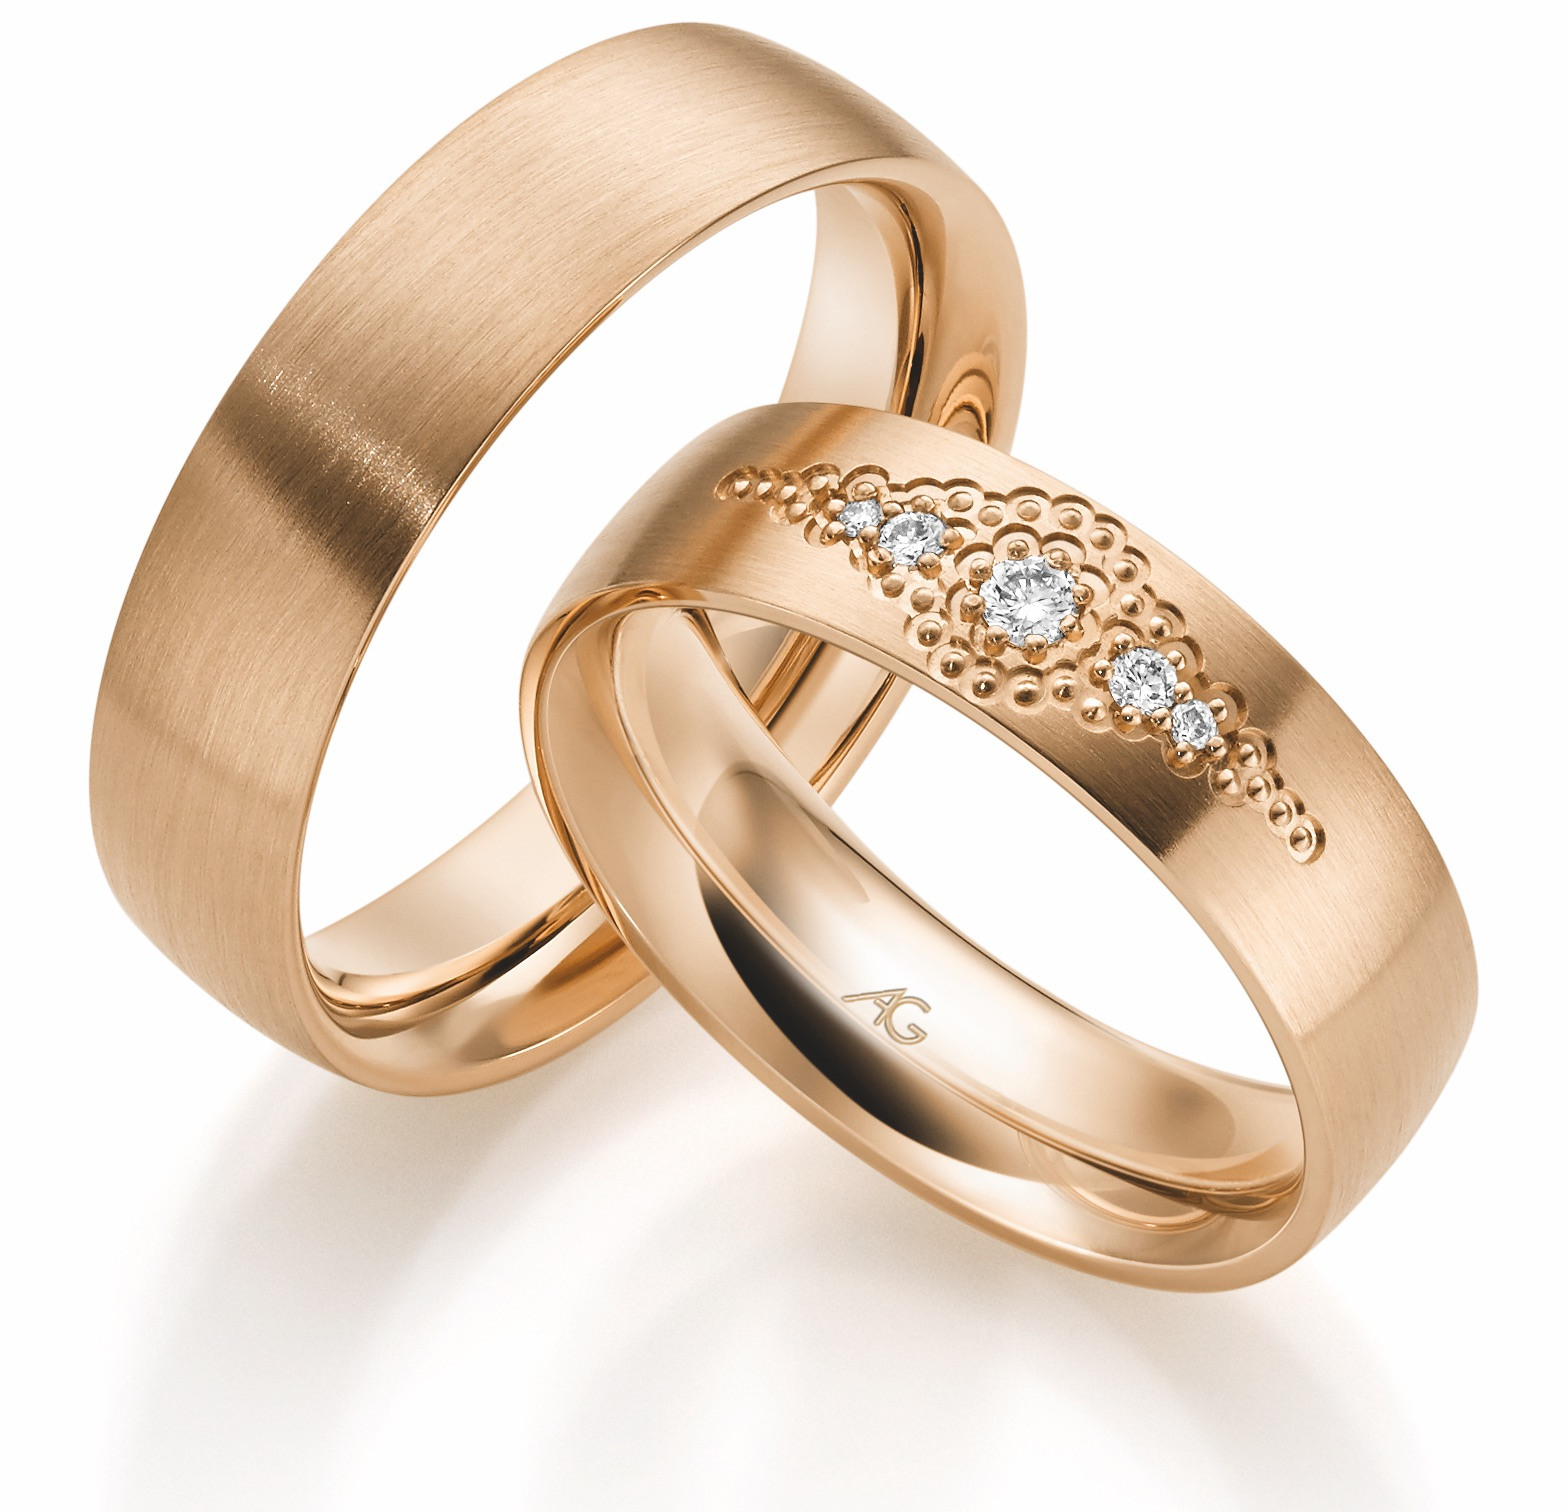 Home - Trauringe, Verlobungsringe, Uhren, Schmuck – Juwelier